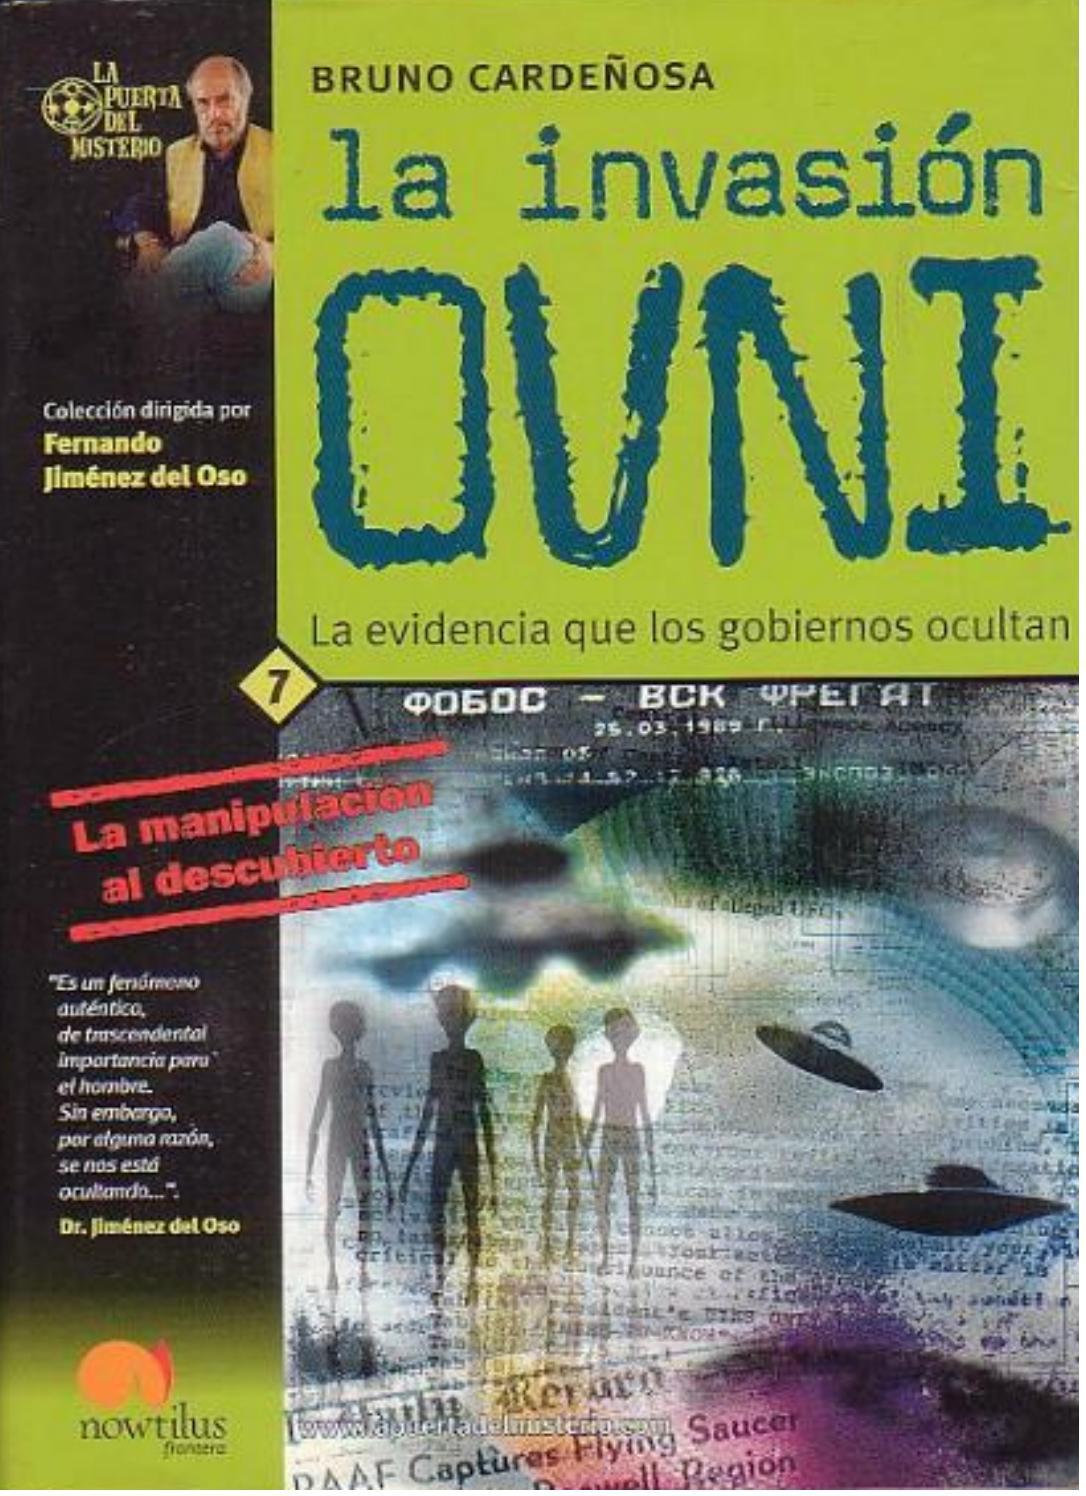 La Invasión OVNI, La Evidencia que los Gobiernos Ocultan - Bruno Cardeñosa  Chao by Proyecto Signo - issuu